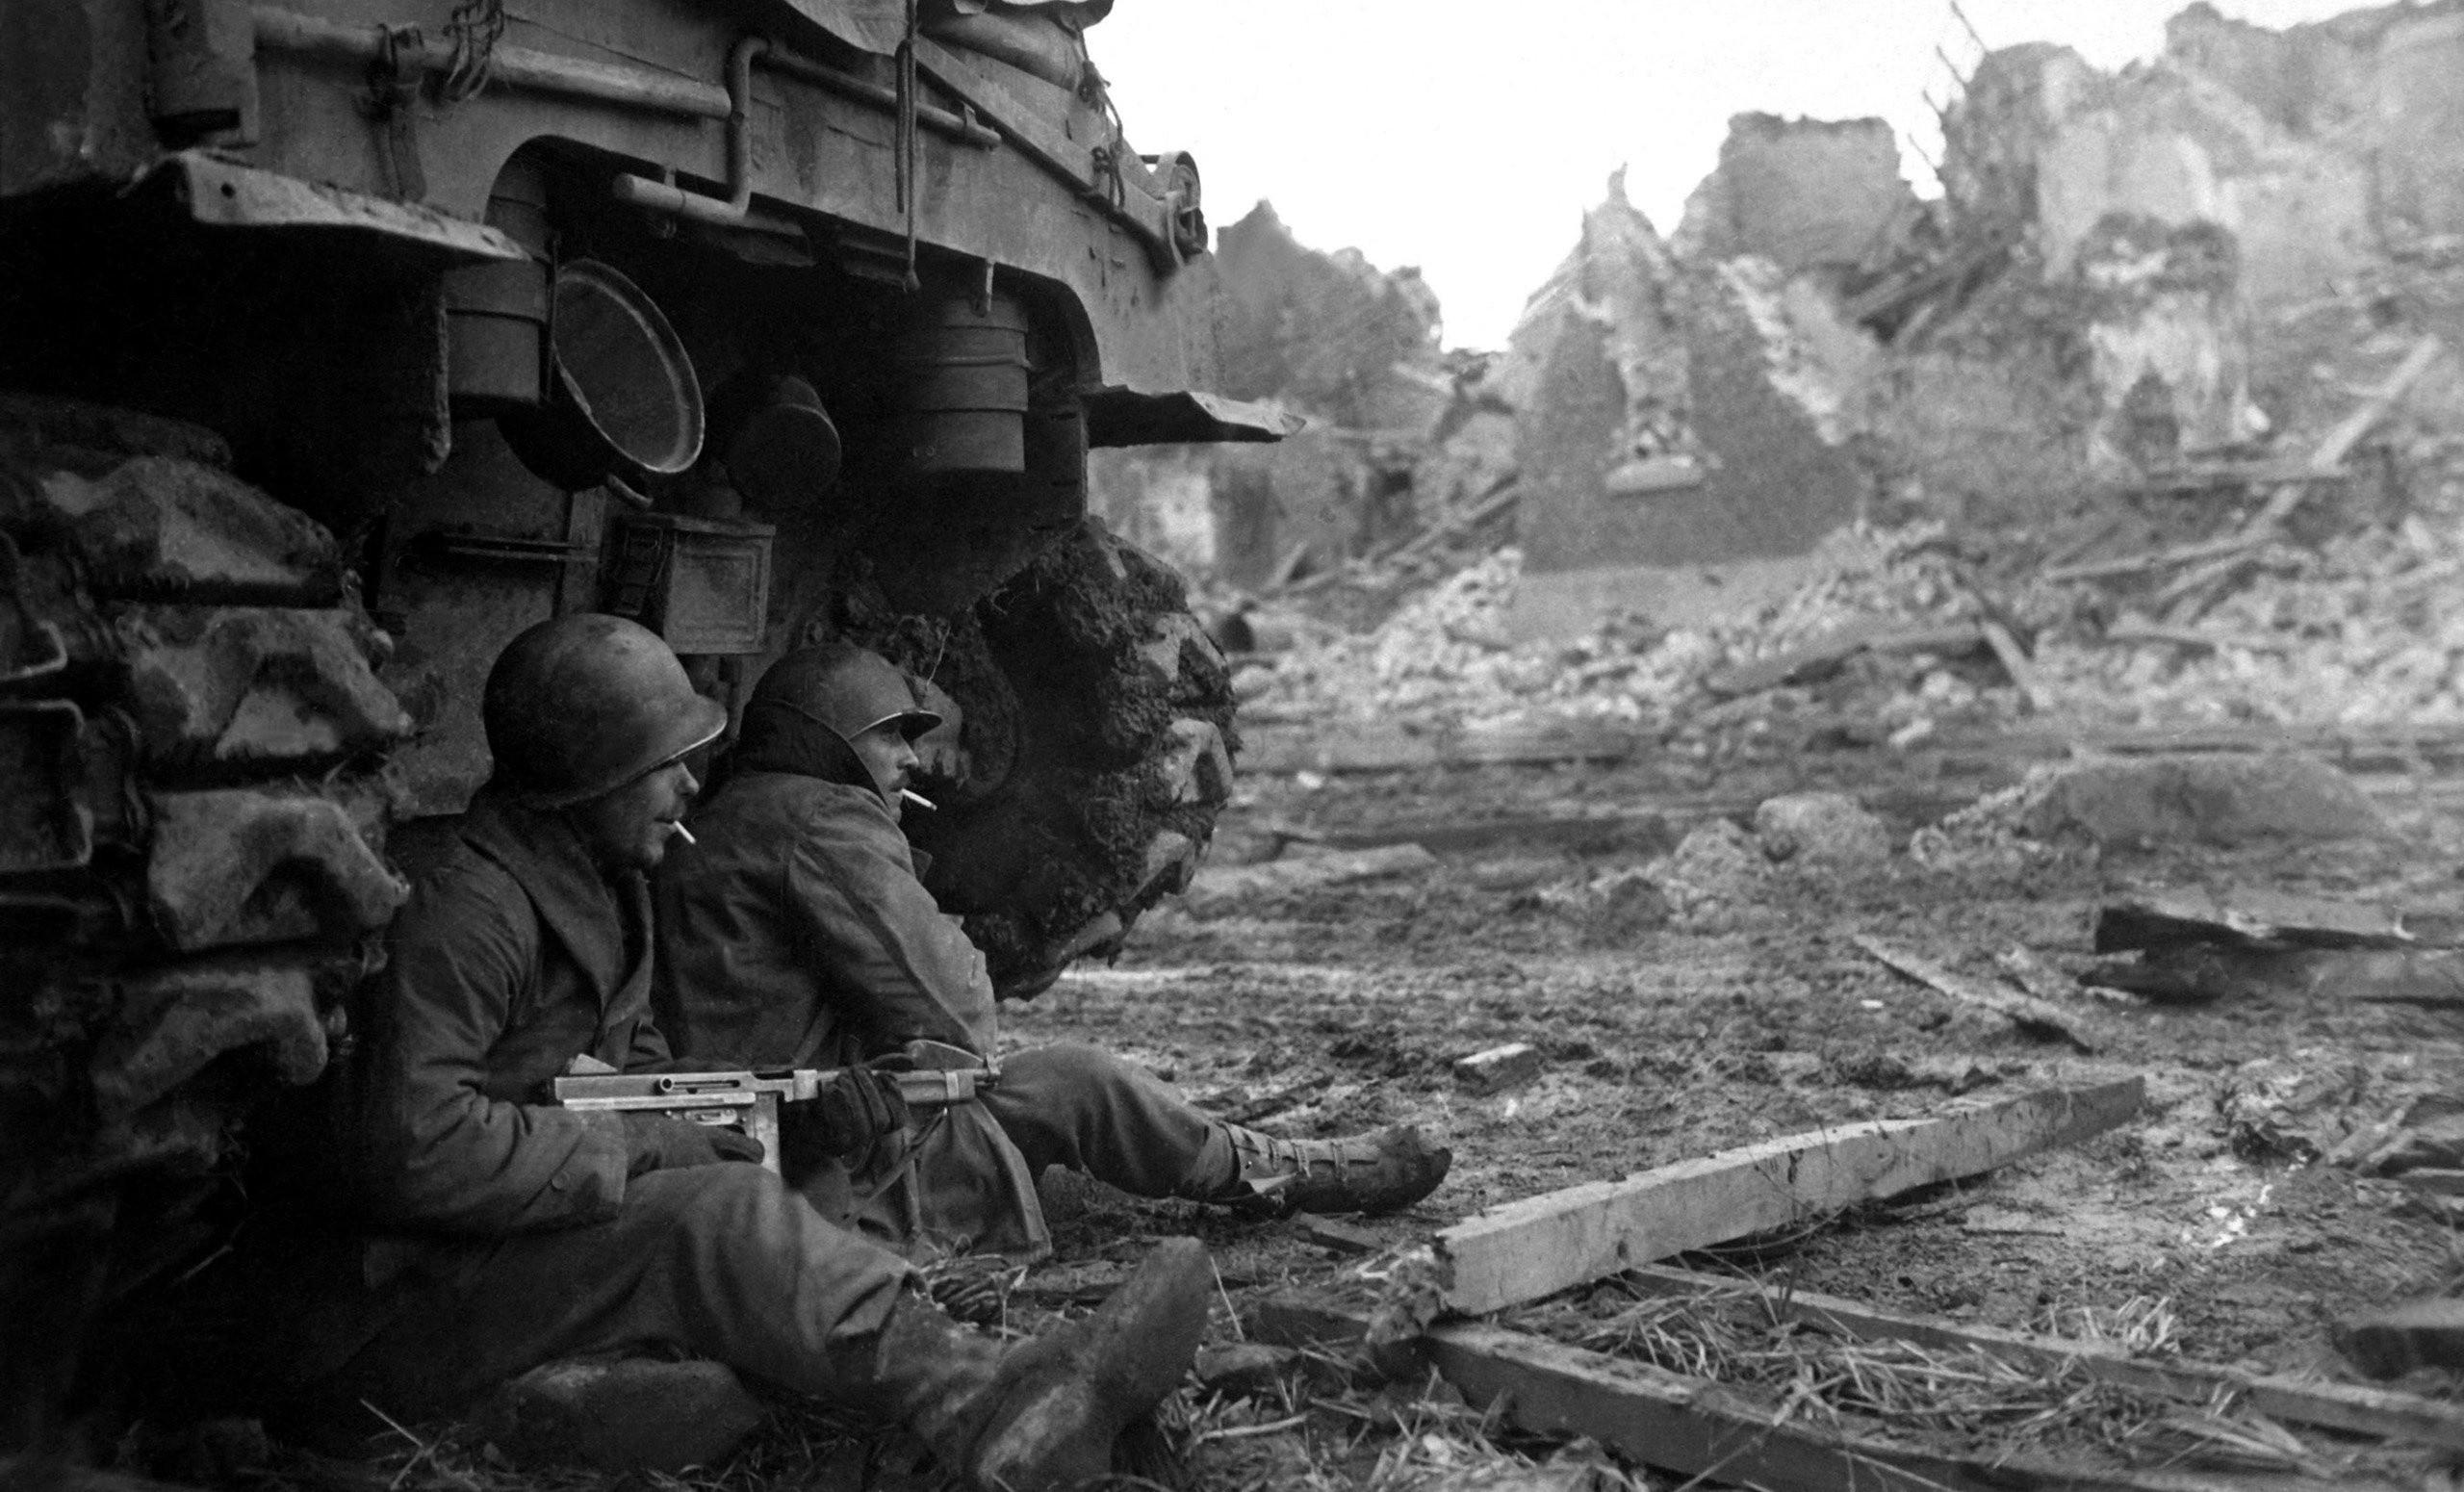 World War 2 WW2 Wallpaper #2